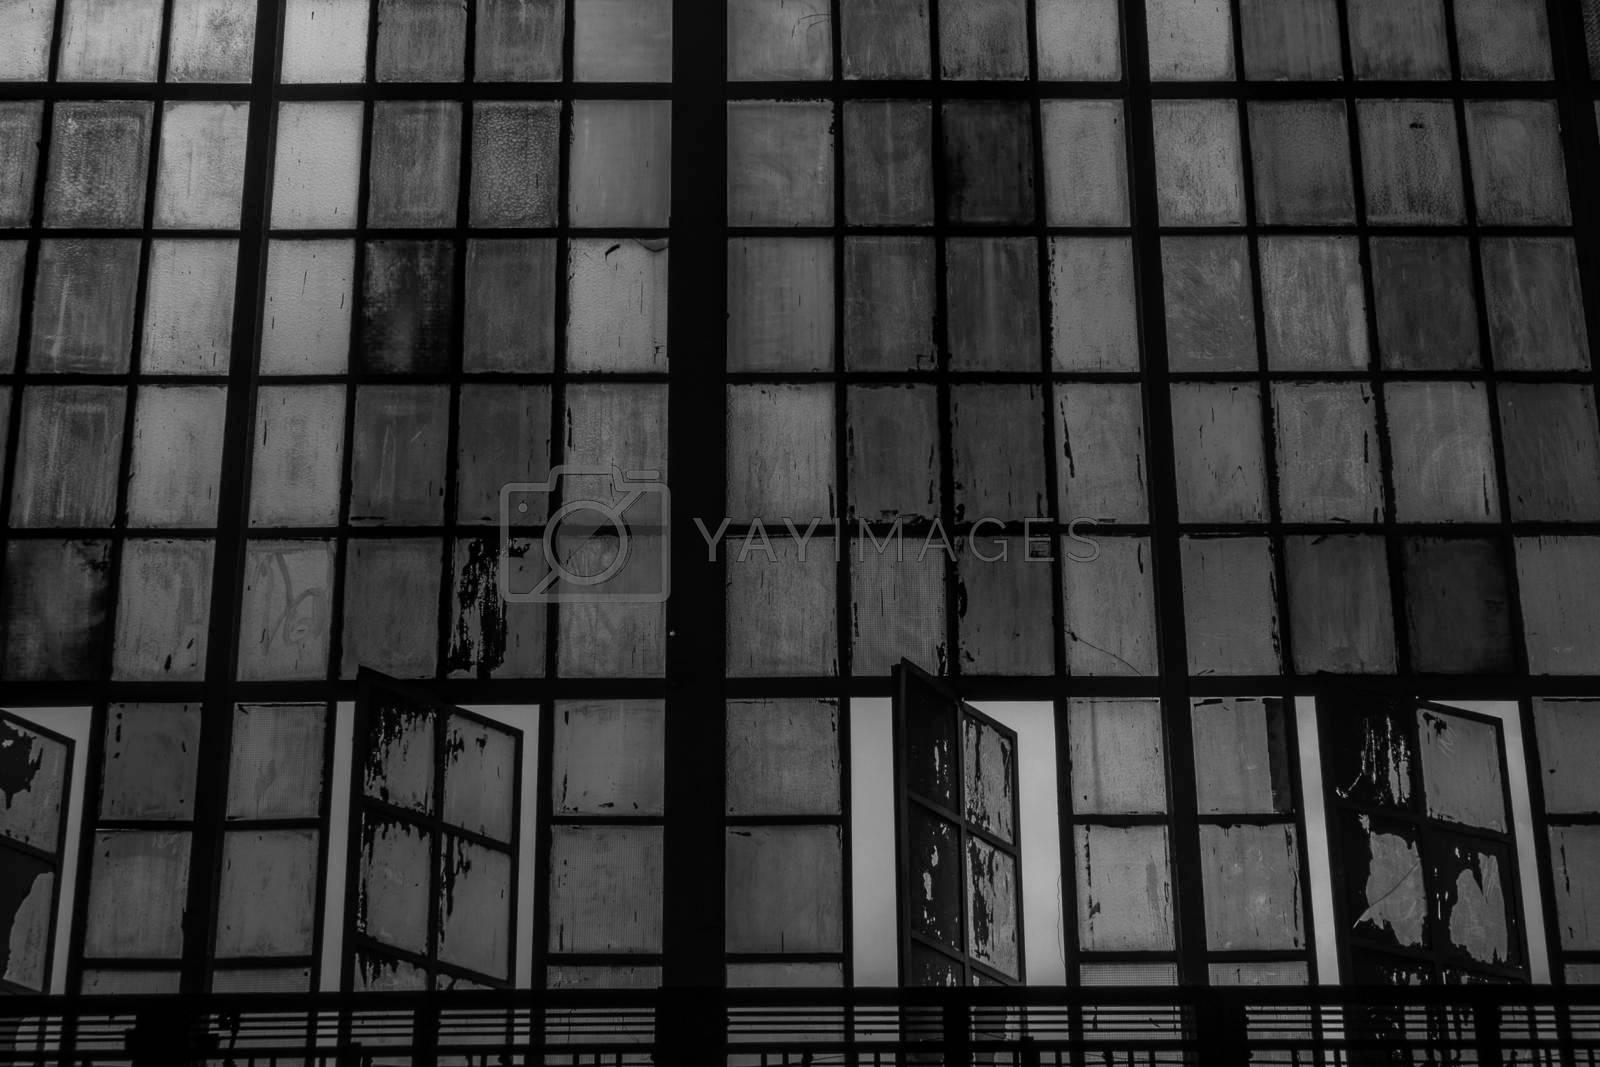 Bangkok, thailand - jun 29, 2019 : Hua Lamphong Railway Station,Bangkok,Thailand, Stained glass, Black and white.